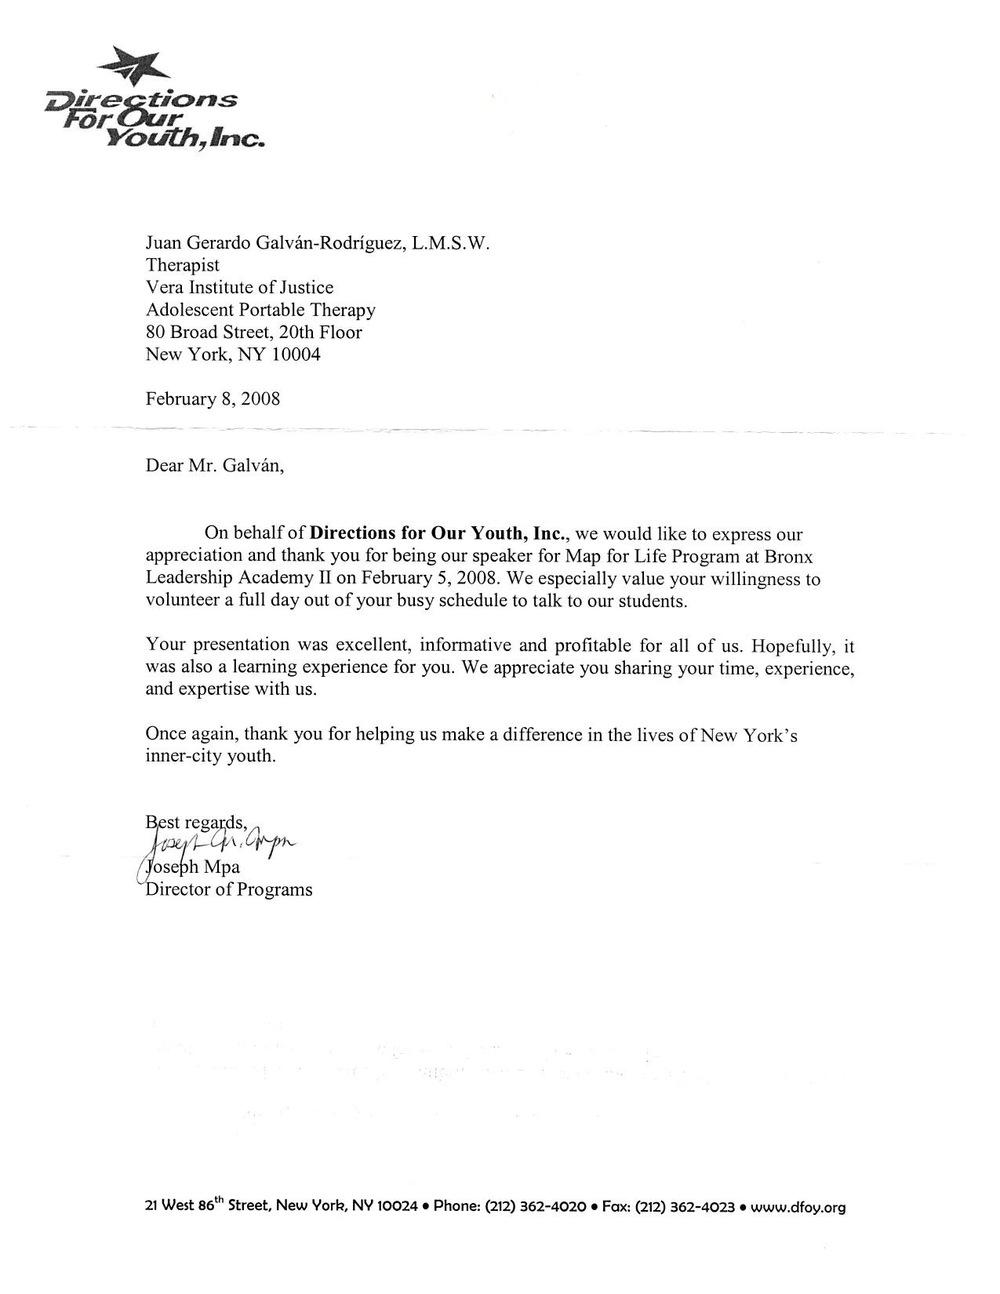 Reconocimiento Carta, Bronx, Nueva York, NY, 08 de febrero 2008